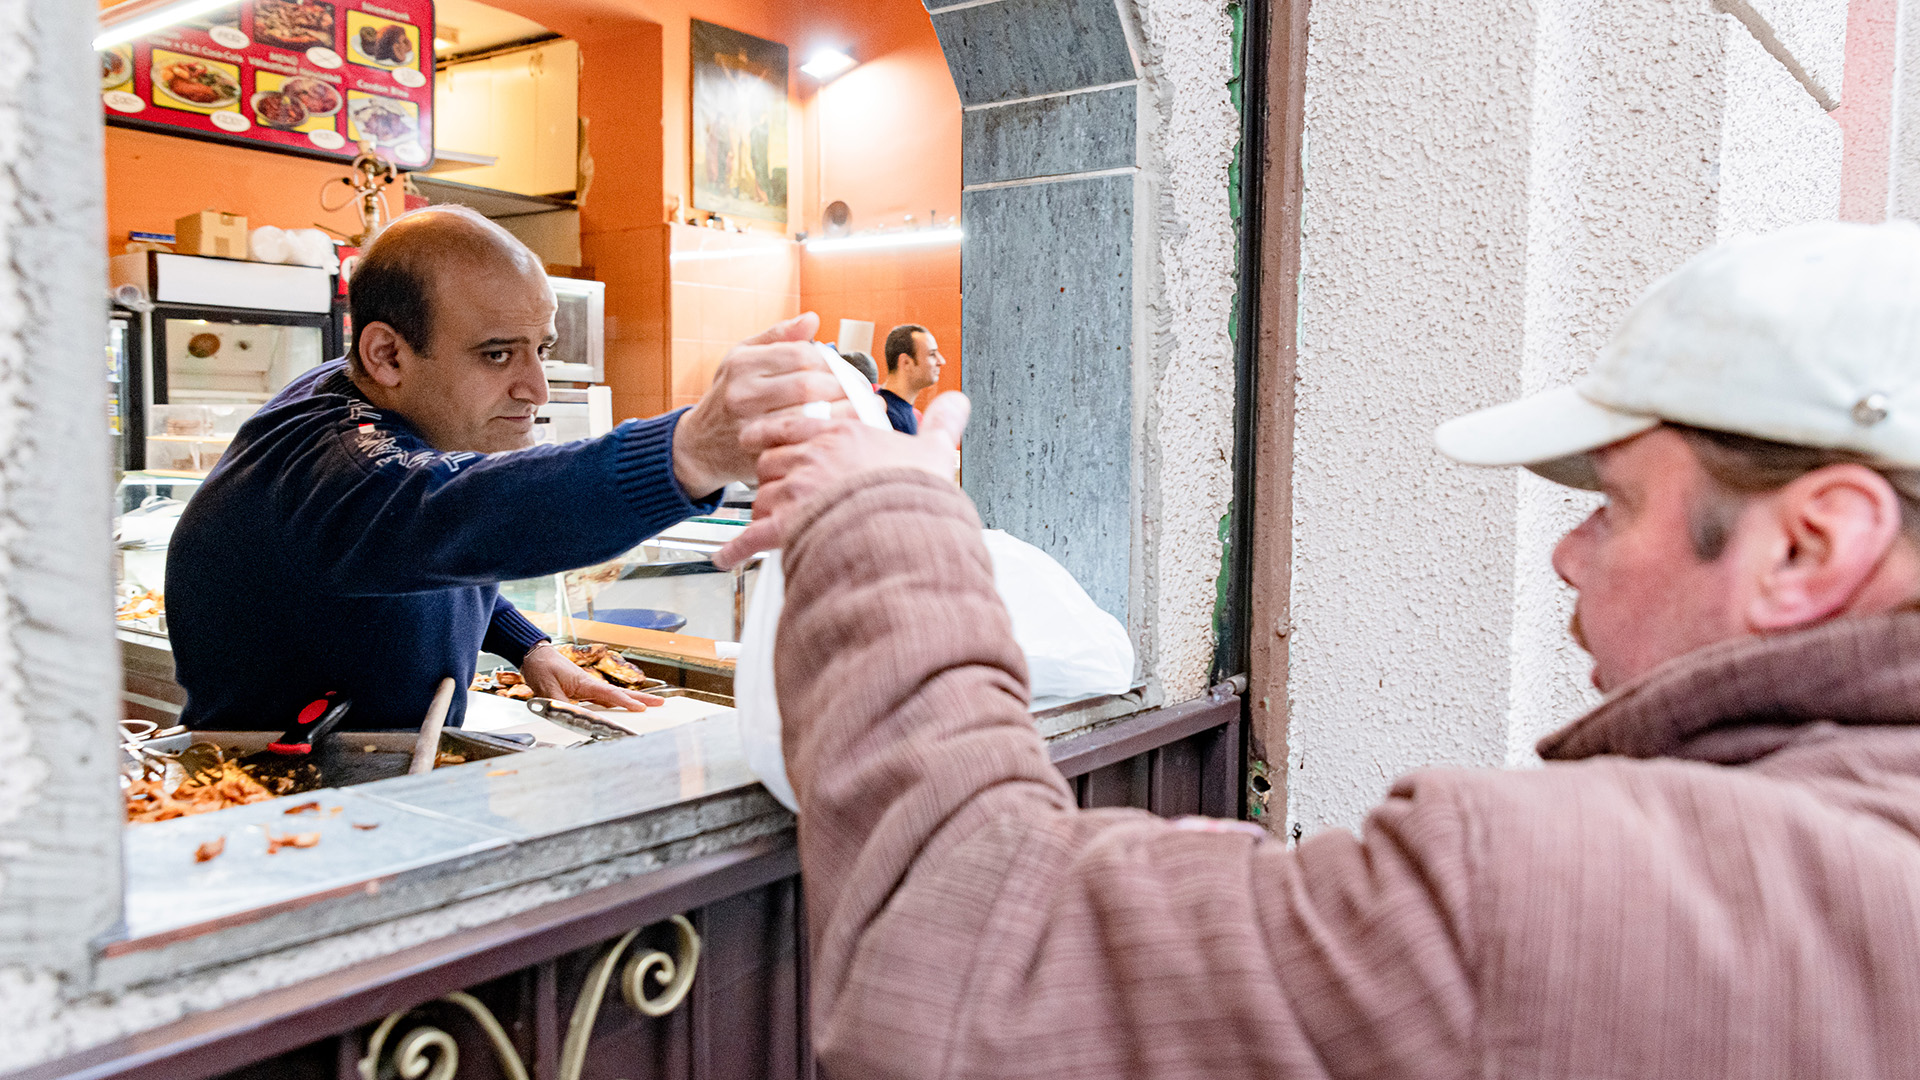 b. molnár márk biblia burkoló egyiptomi gyroszos gondoskodás hana samir kamel ingyen étel lakásmaffia mészáros lászló szeretet